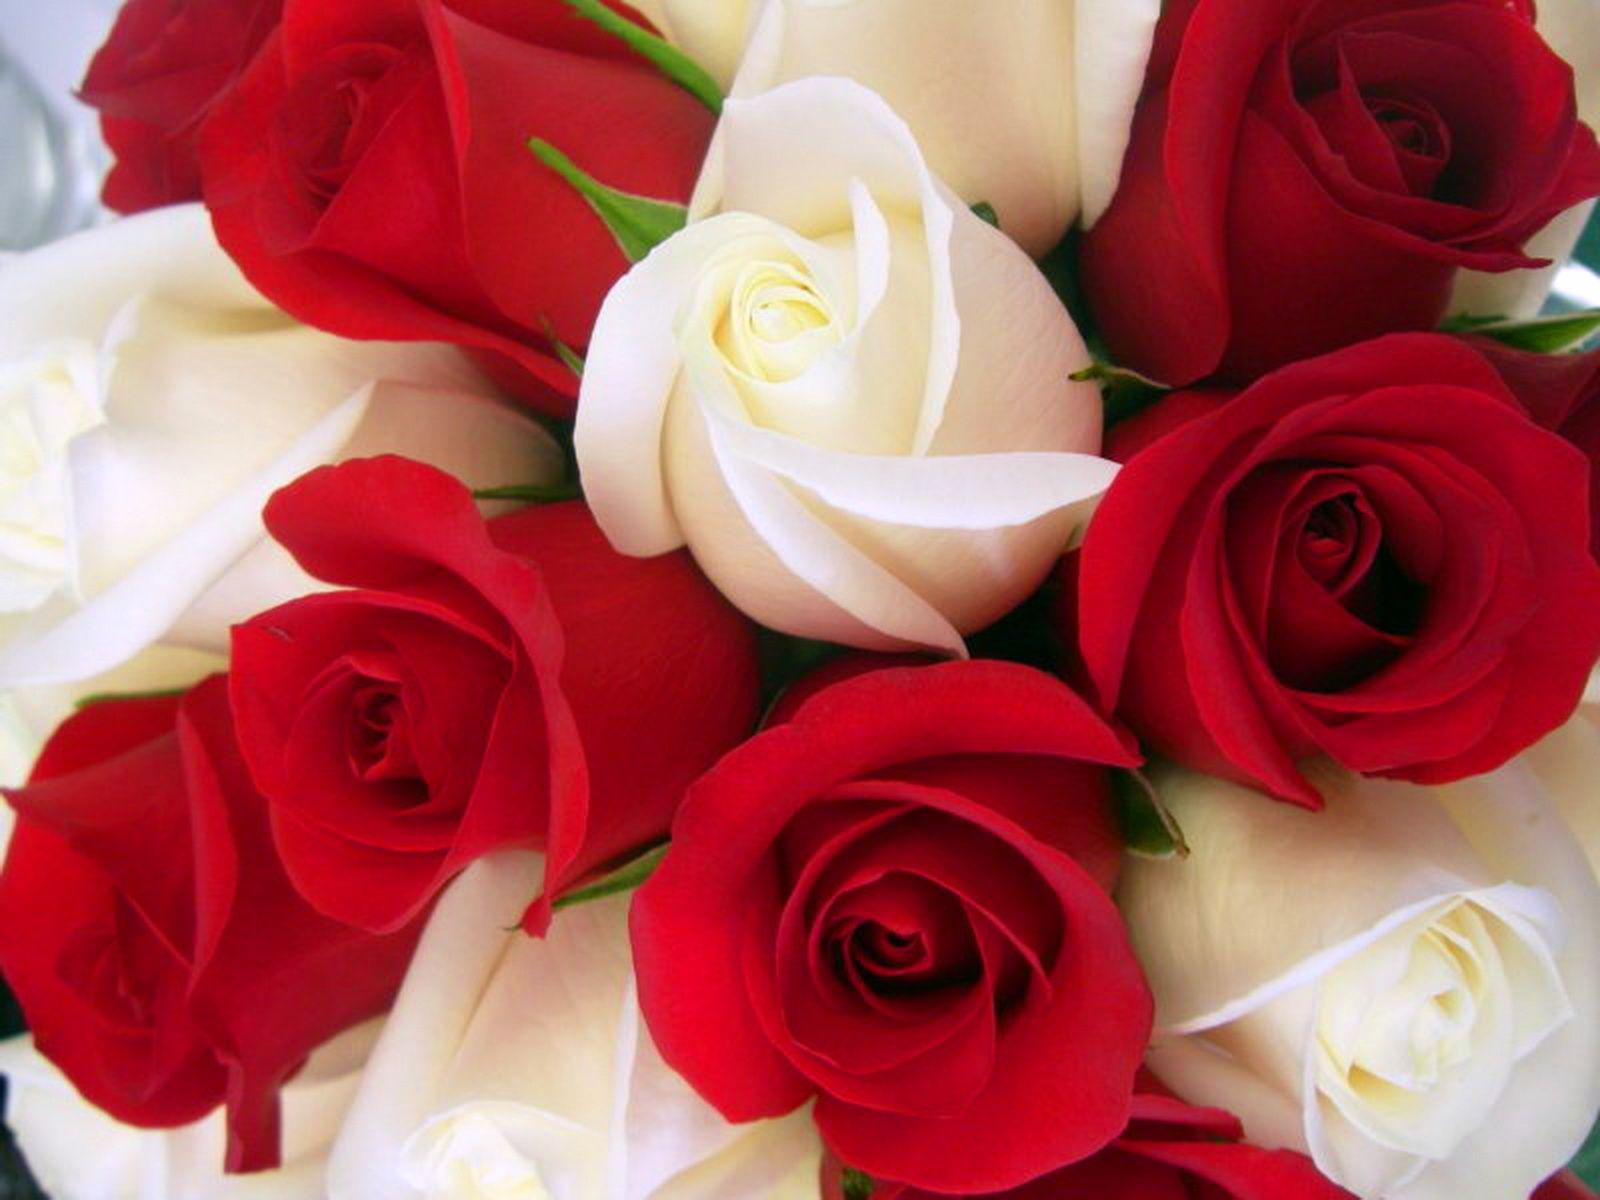 Lovely Rose Wallpaper Flowers Nature Wallpapers in jpg